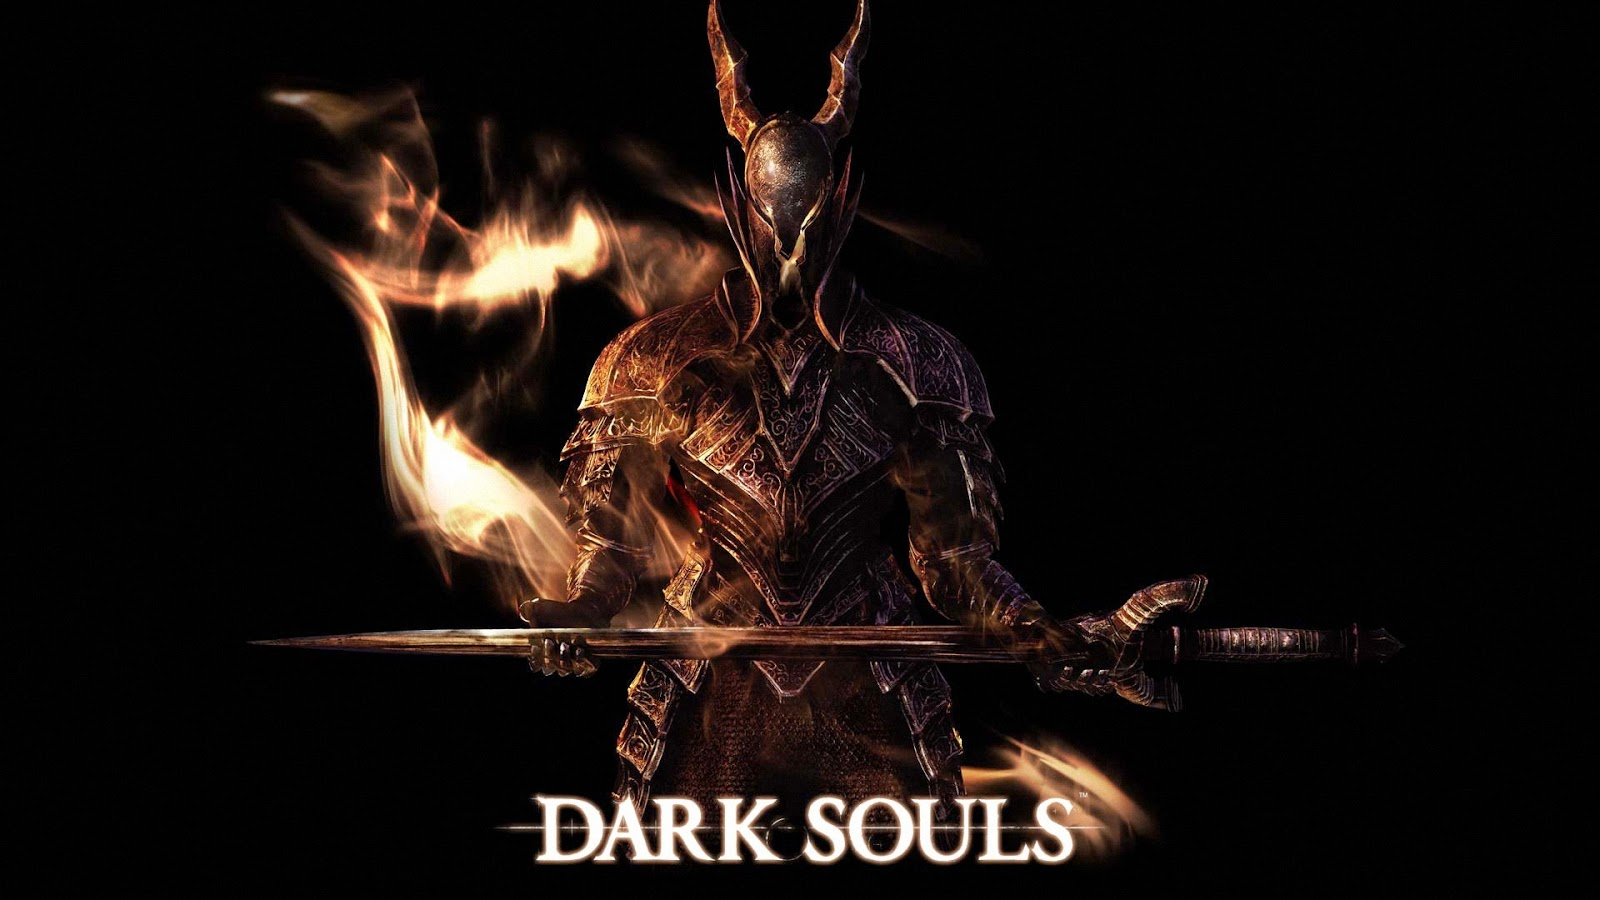 Todo Imagenes Wallpapers Dark Souls Hd Game